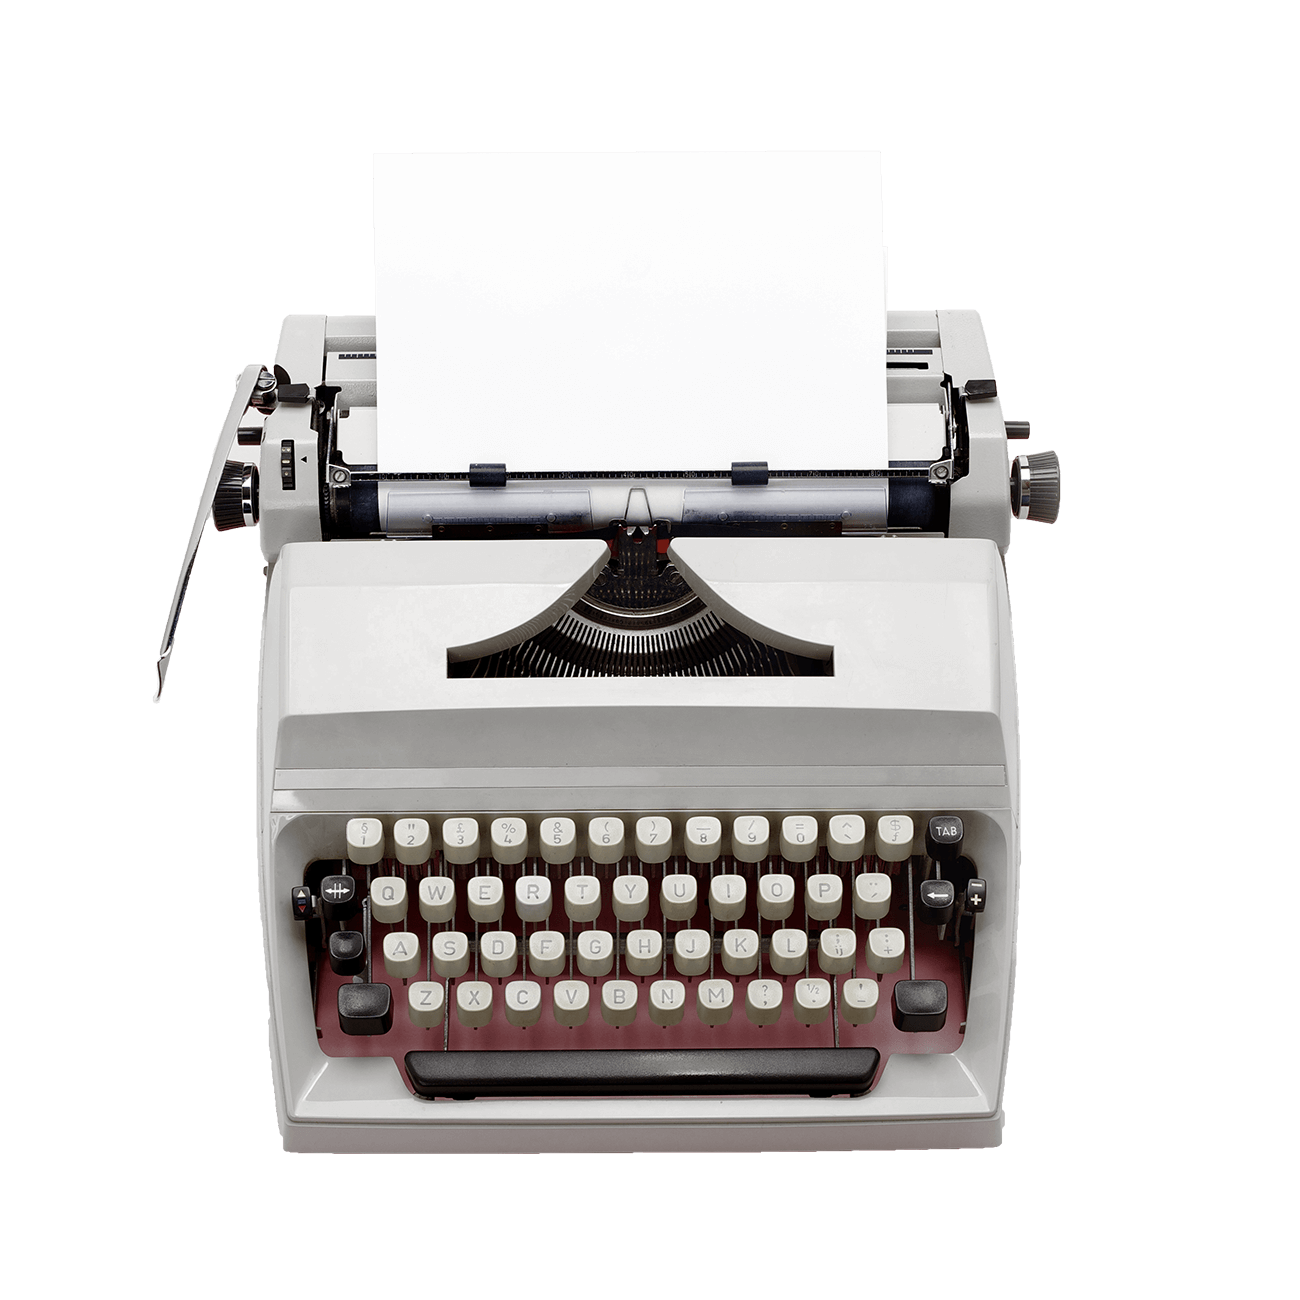 immagine macchina da scrivere